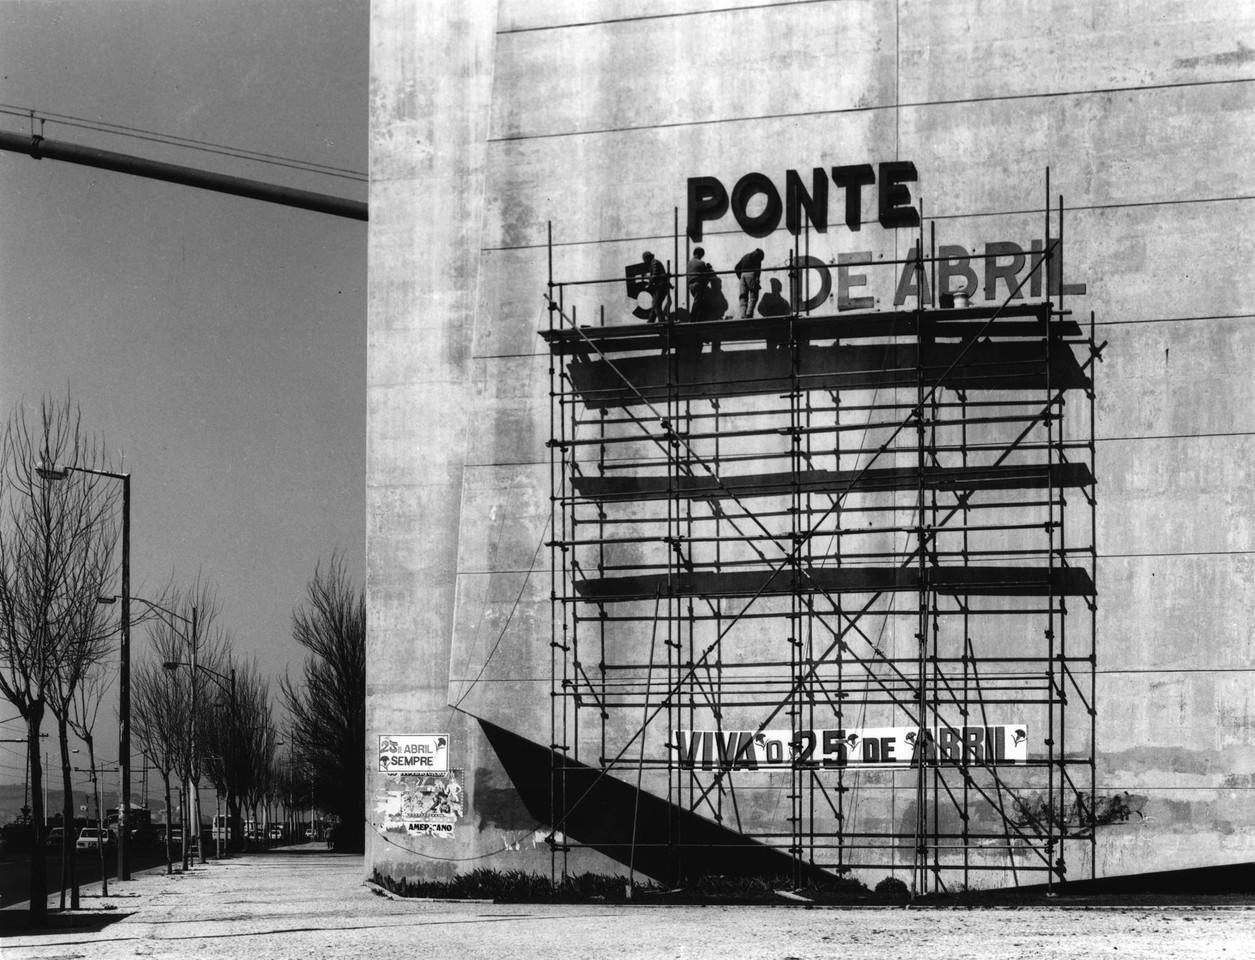 Ponte 25 de Abril, mudança de nome (E.Gageiro, 1975)